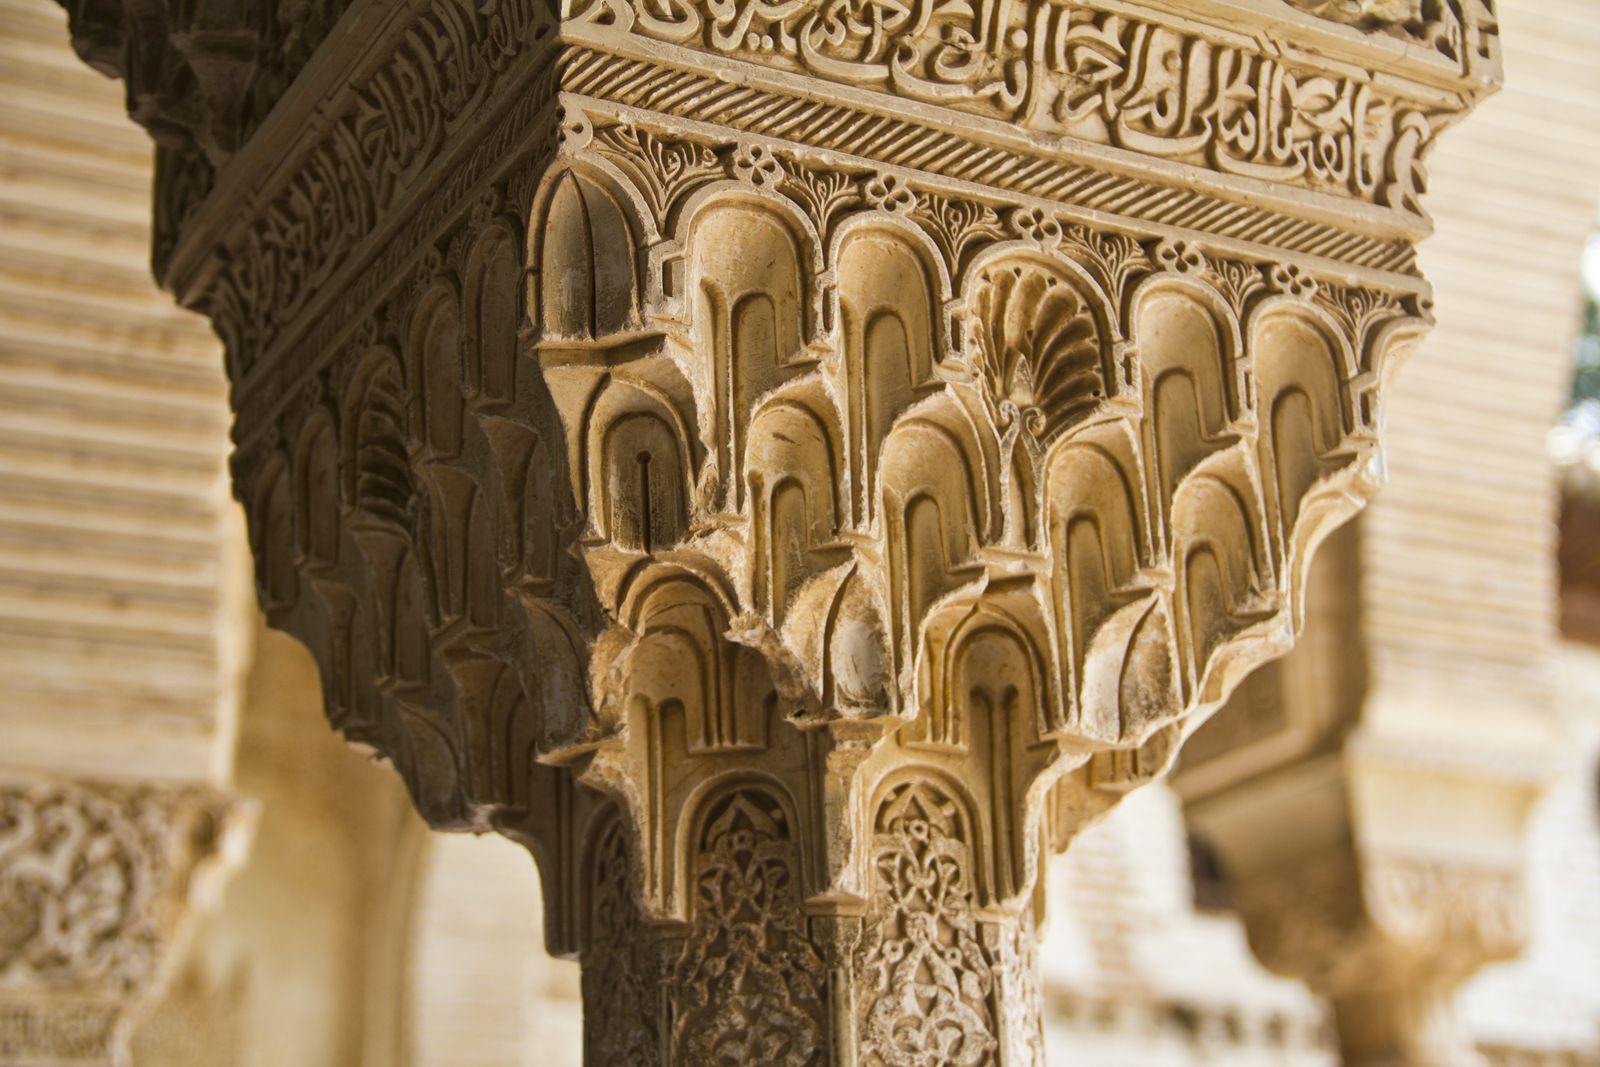 Vue du palais du Generalife, la cour de la Acequia, un chapiteau en haut d'une colonne, une porte typique de l'architecture Nasride, ...